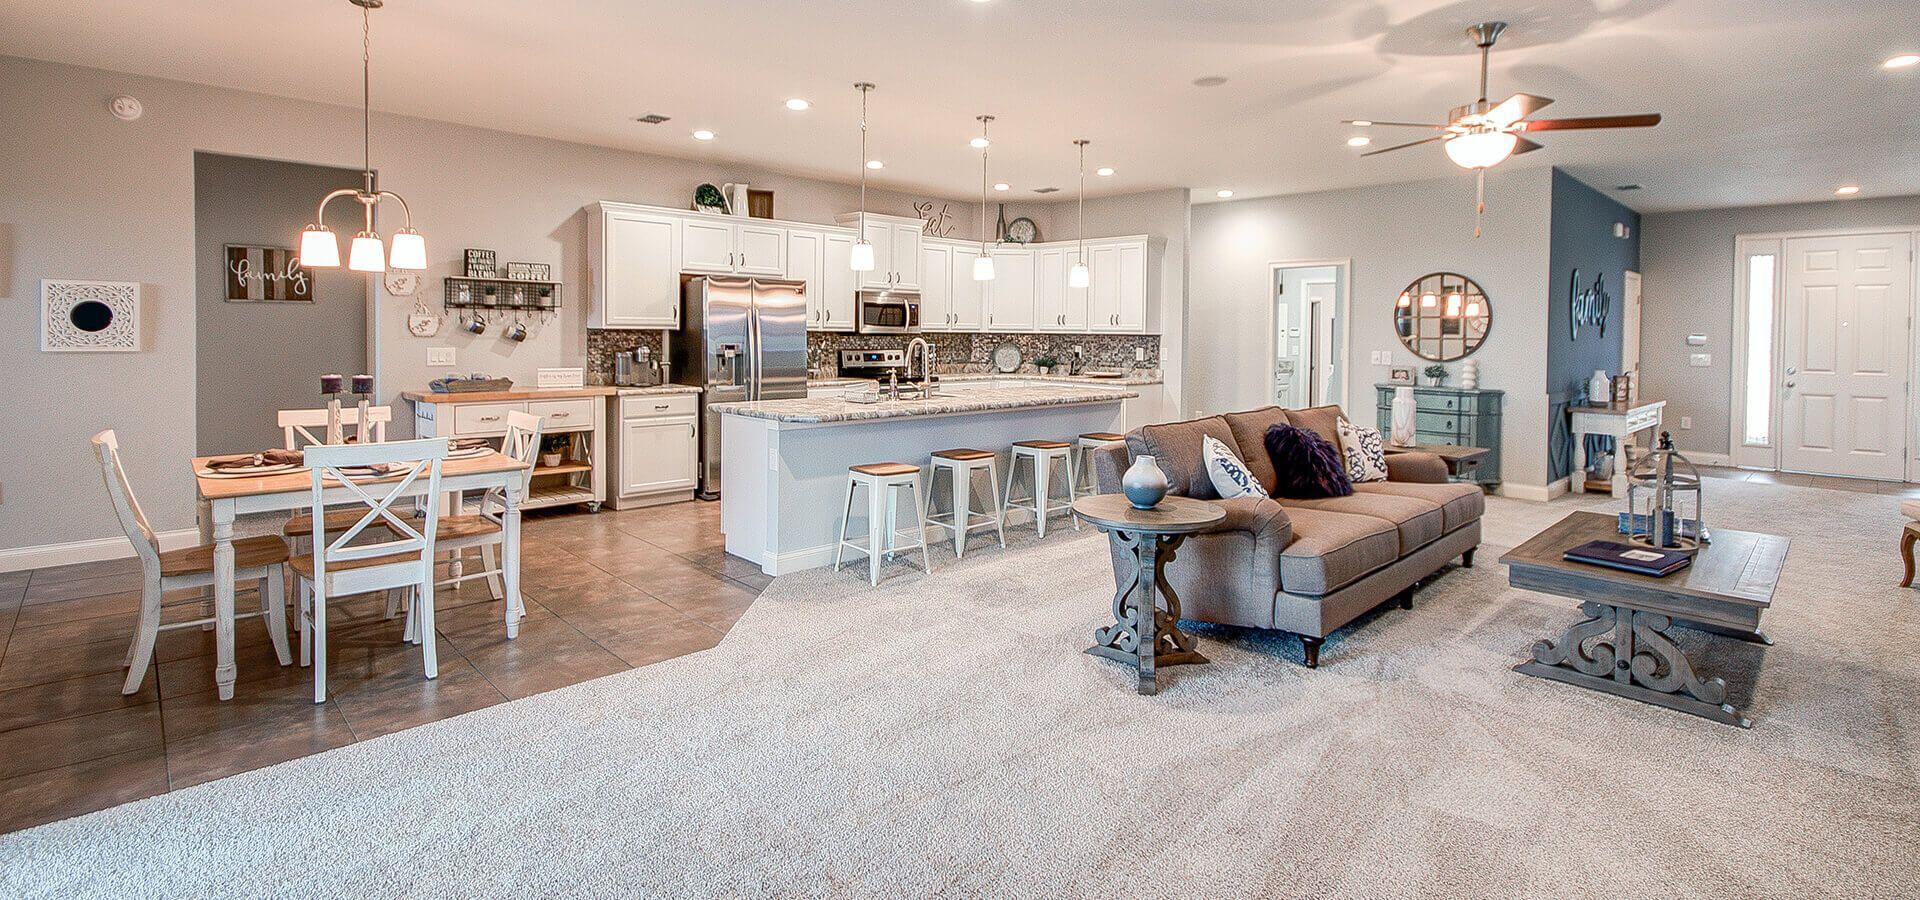 Highland homes slide show in 2020 highland homes